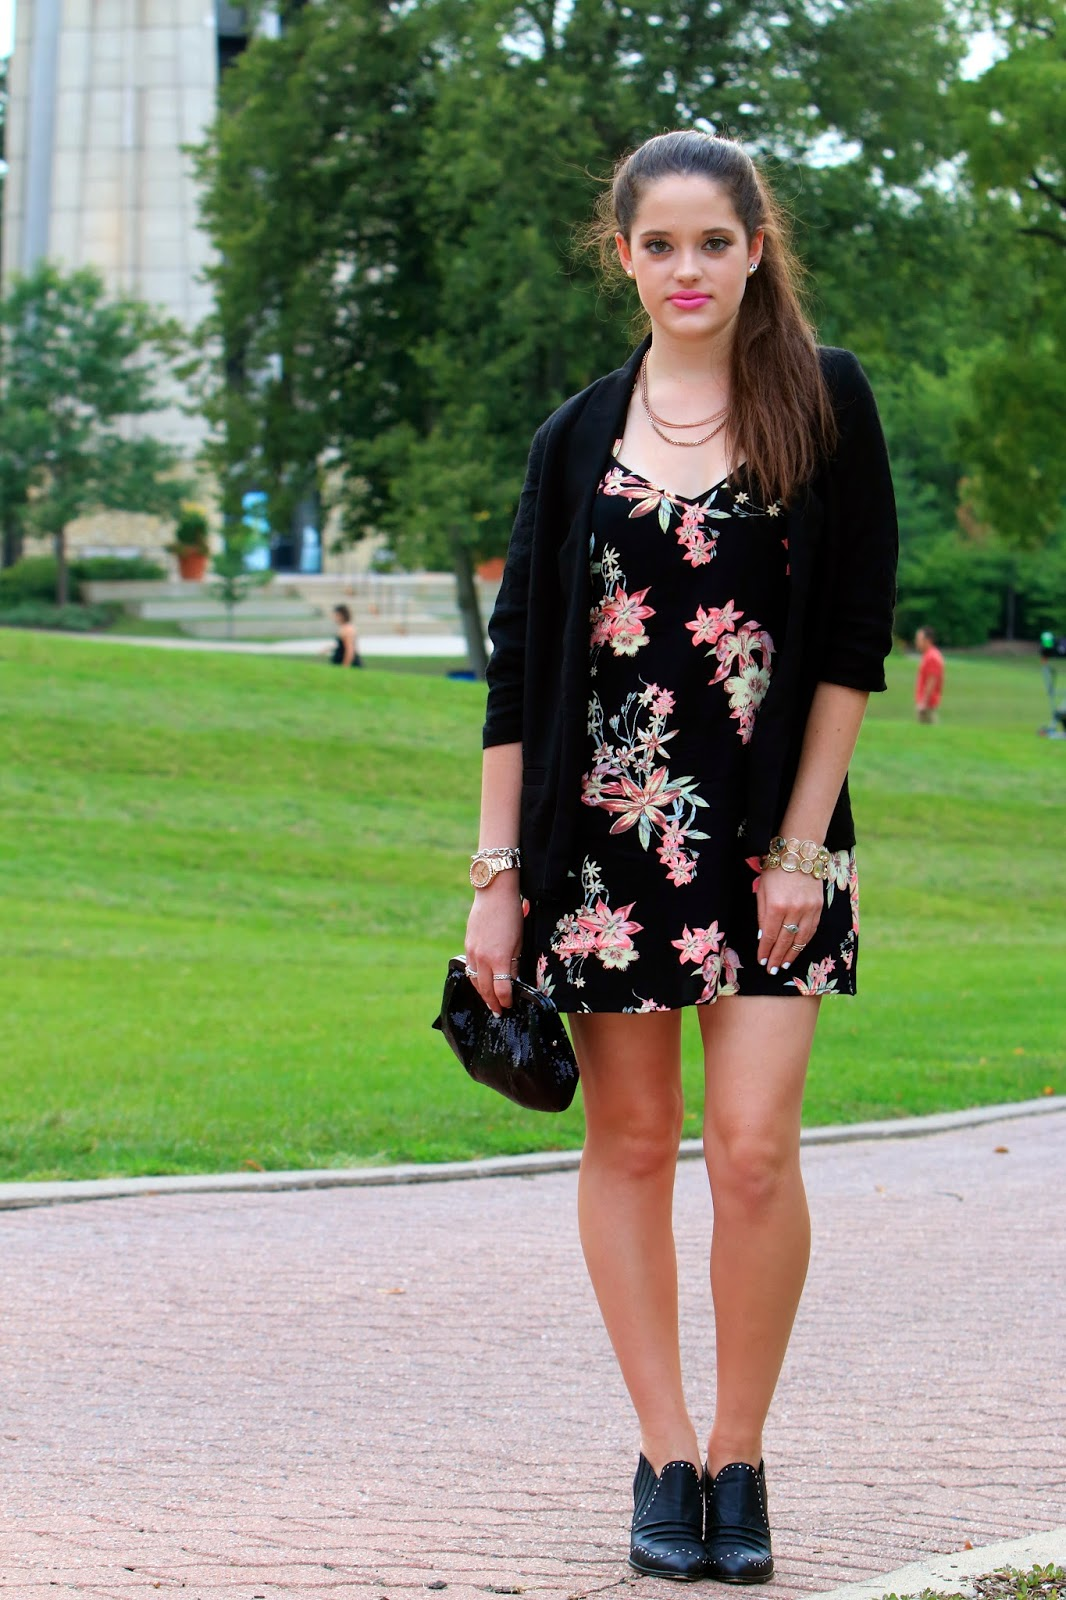 d18017f80de7 Kathleen's Fashion Fix: Miami Vice :: floral slip dress